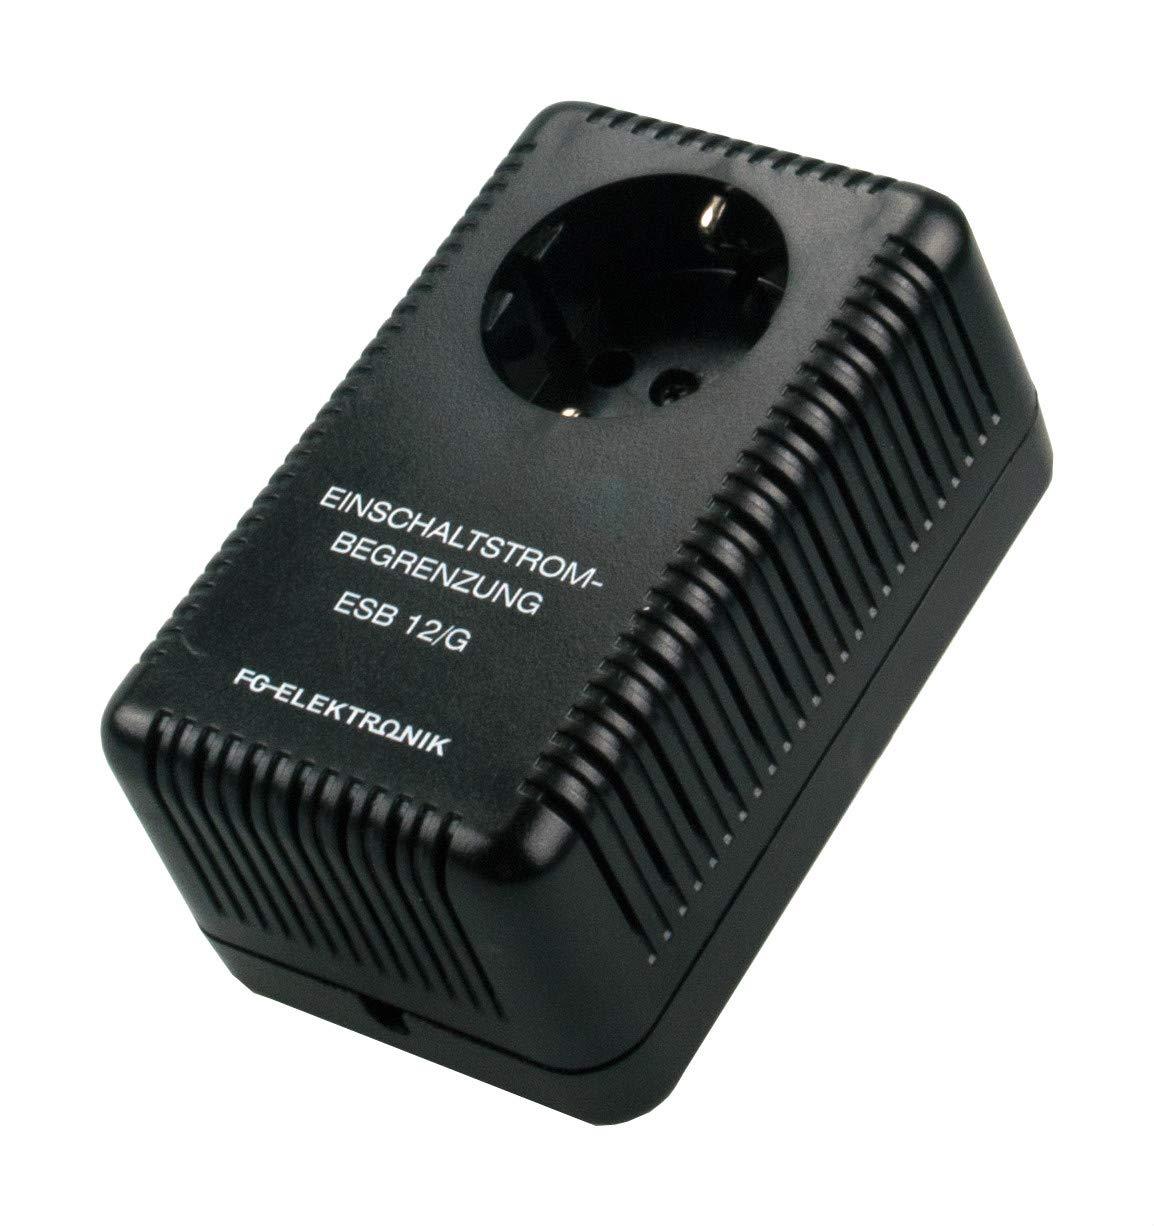 FG-ELEKTRONIK 076302 ESB 12 G Einschaltstrombegrenzer stromgesteuert, im Steckergehäuse, für Verbraucher bis max. 2,8 kW im Steckergehäuse FG-ELEKTRONIK GmbH